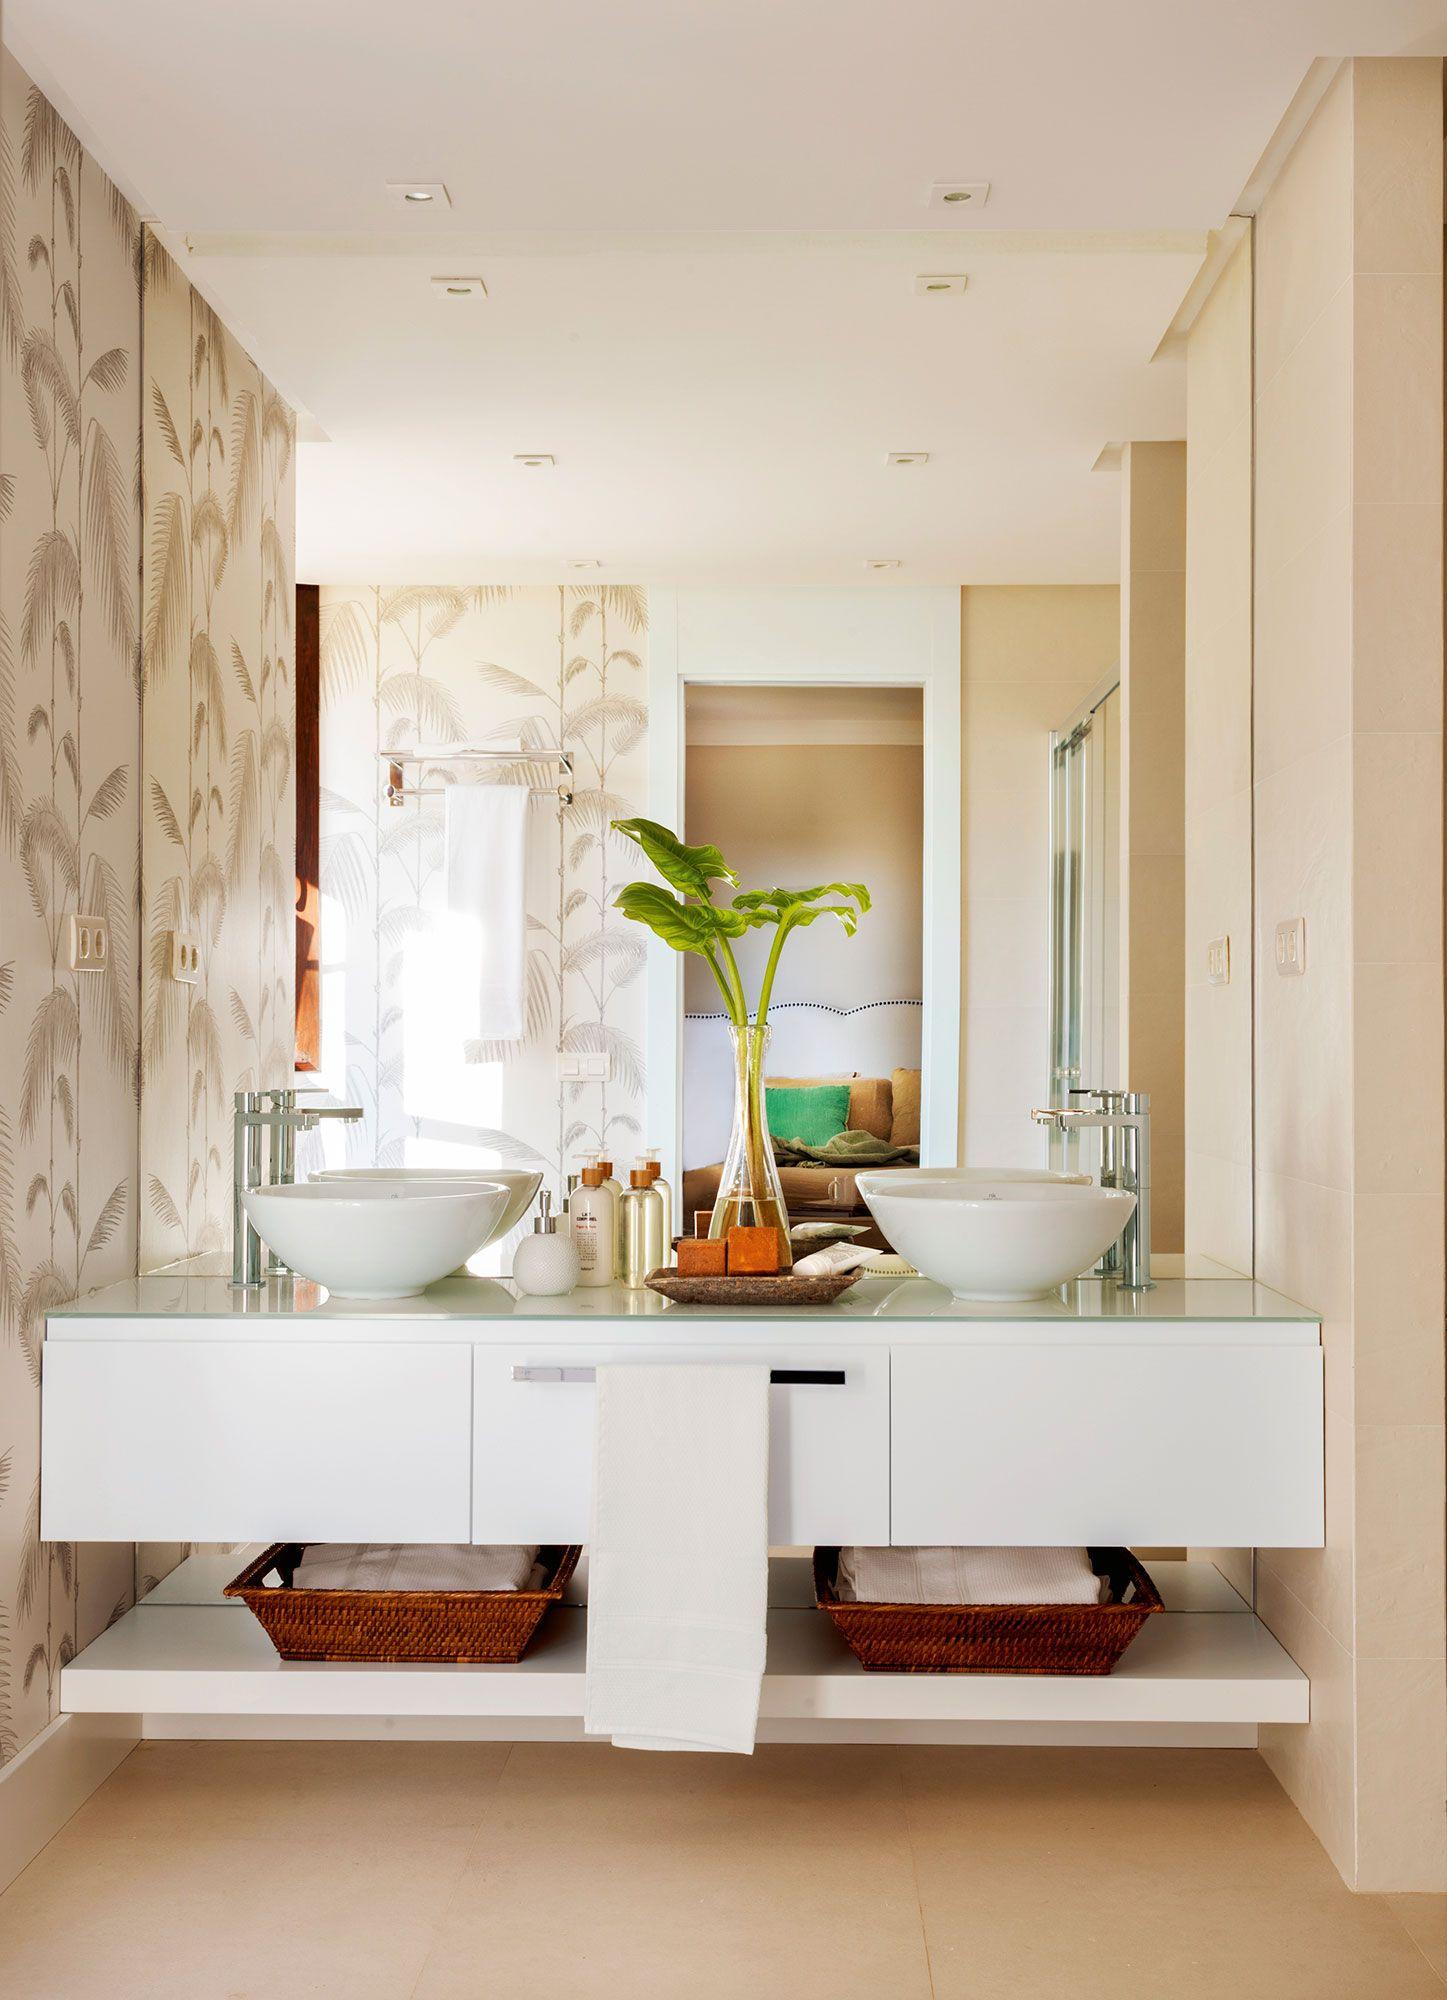 Master bedroom ensuite design  Baño con lavamanos doble mueble bajolavabo volado y paredes con